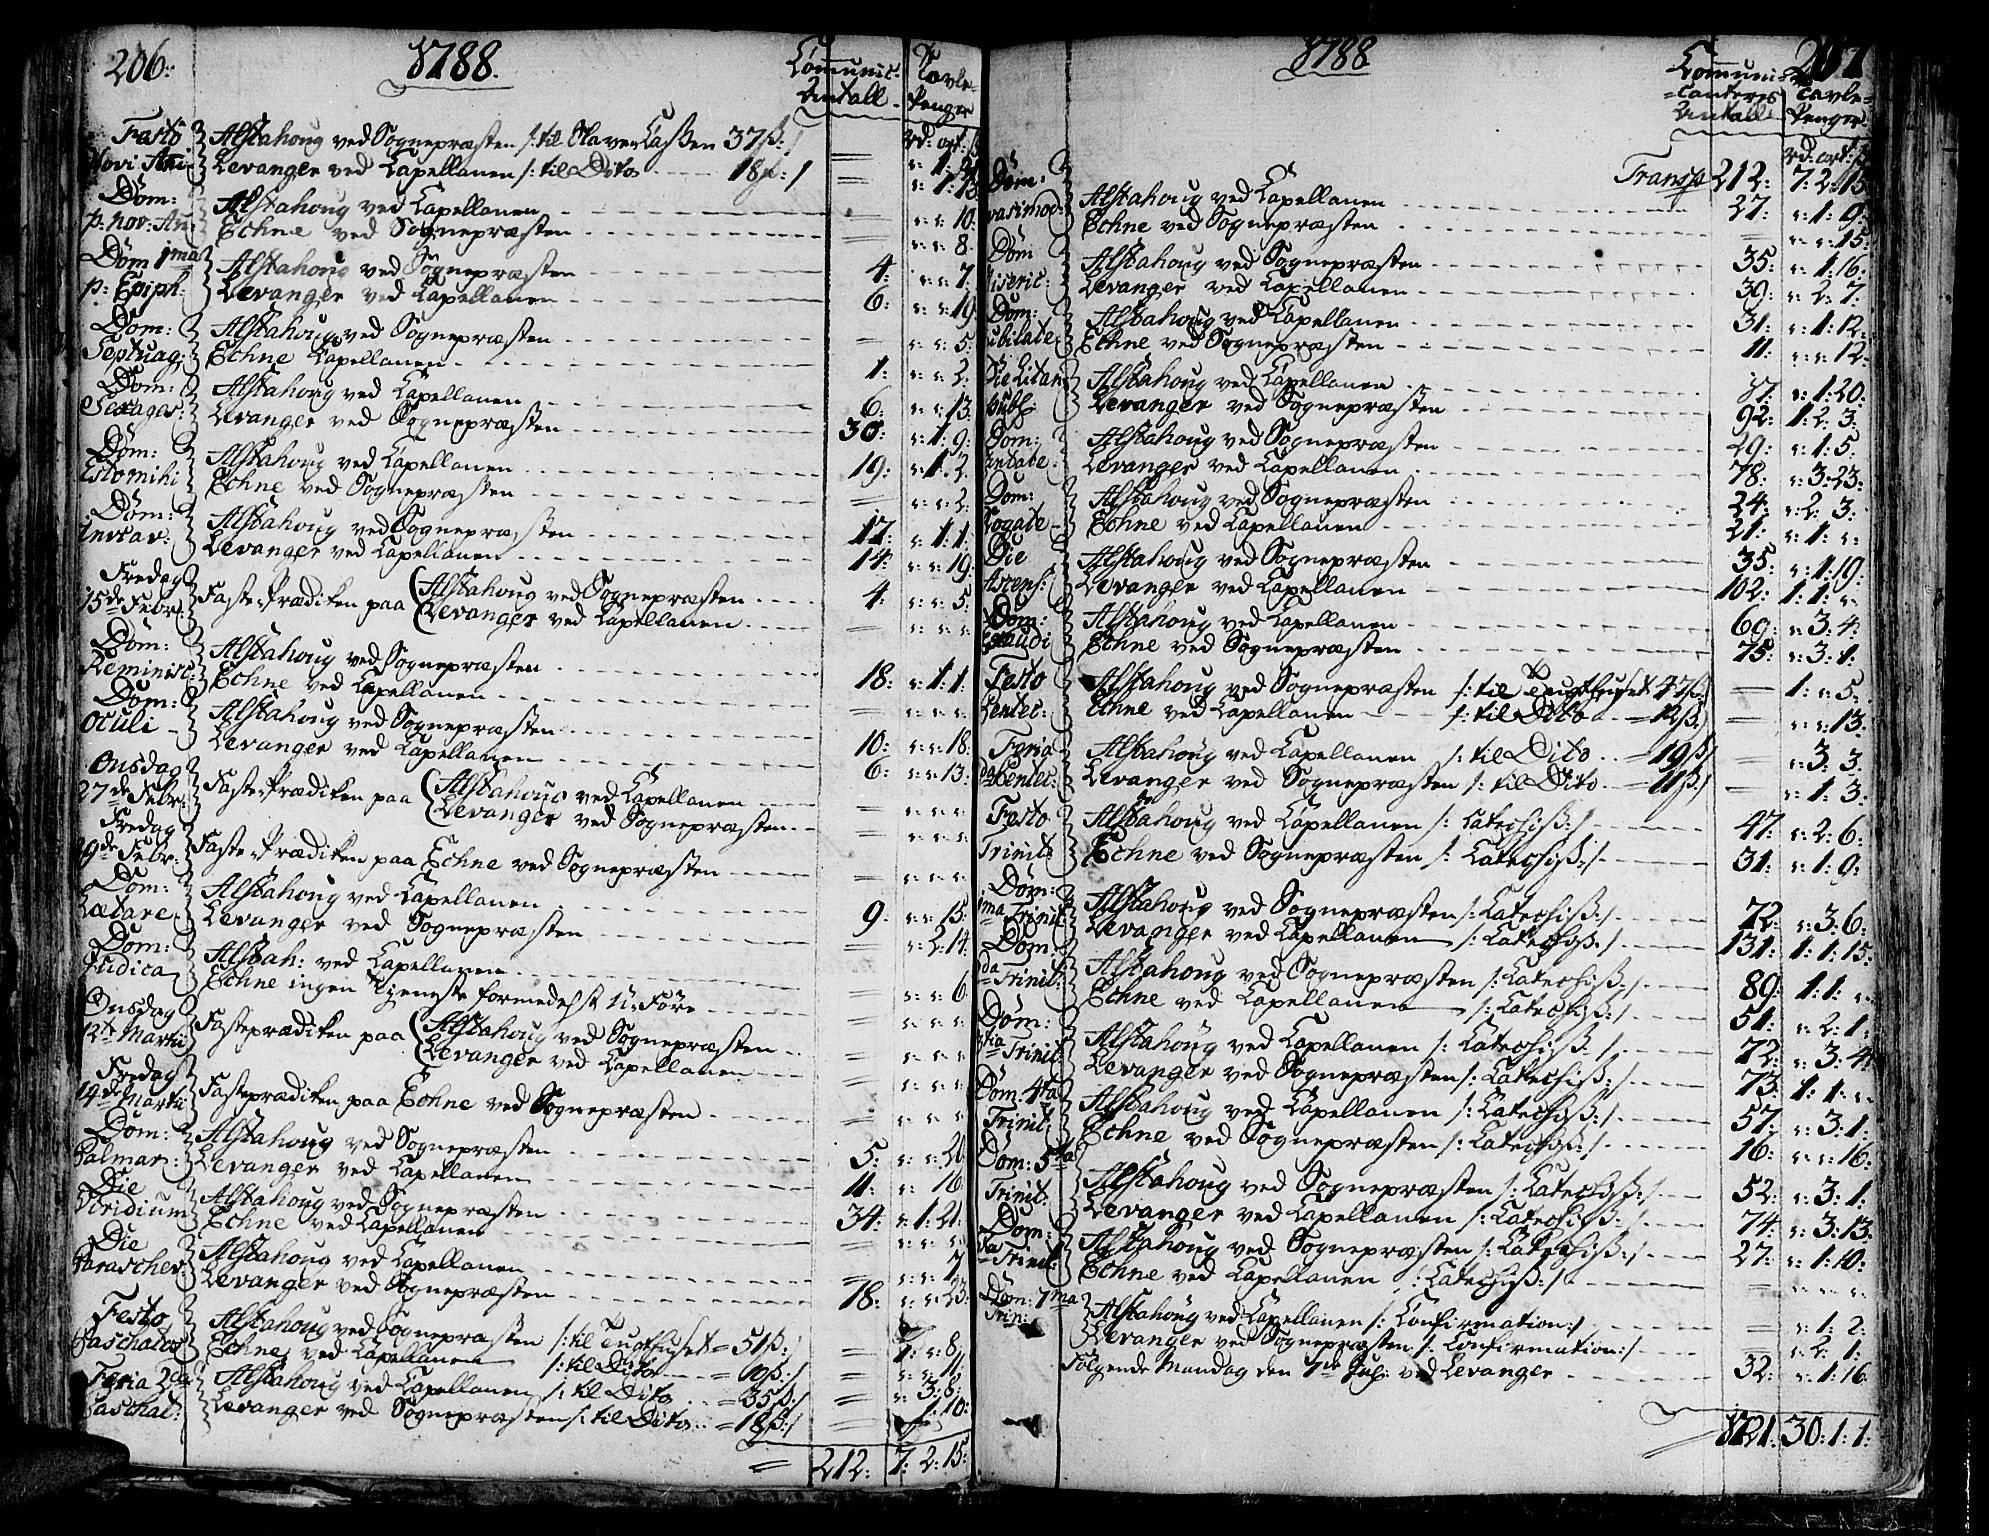 SAT, Ministerialprotokoller, klokkerbøker og fødselsregistre - Nord-Trøndelag, 717/L0142: Ministerialbok nr. 717A02 /1, 1783-1809, s. 206-207